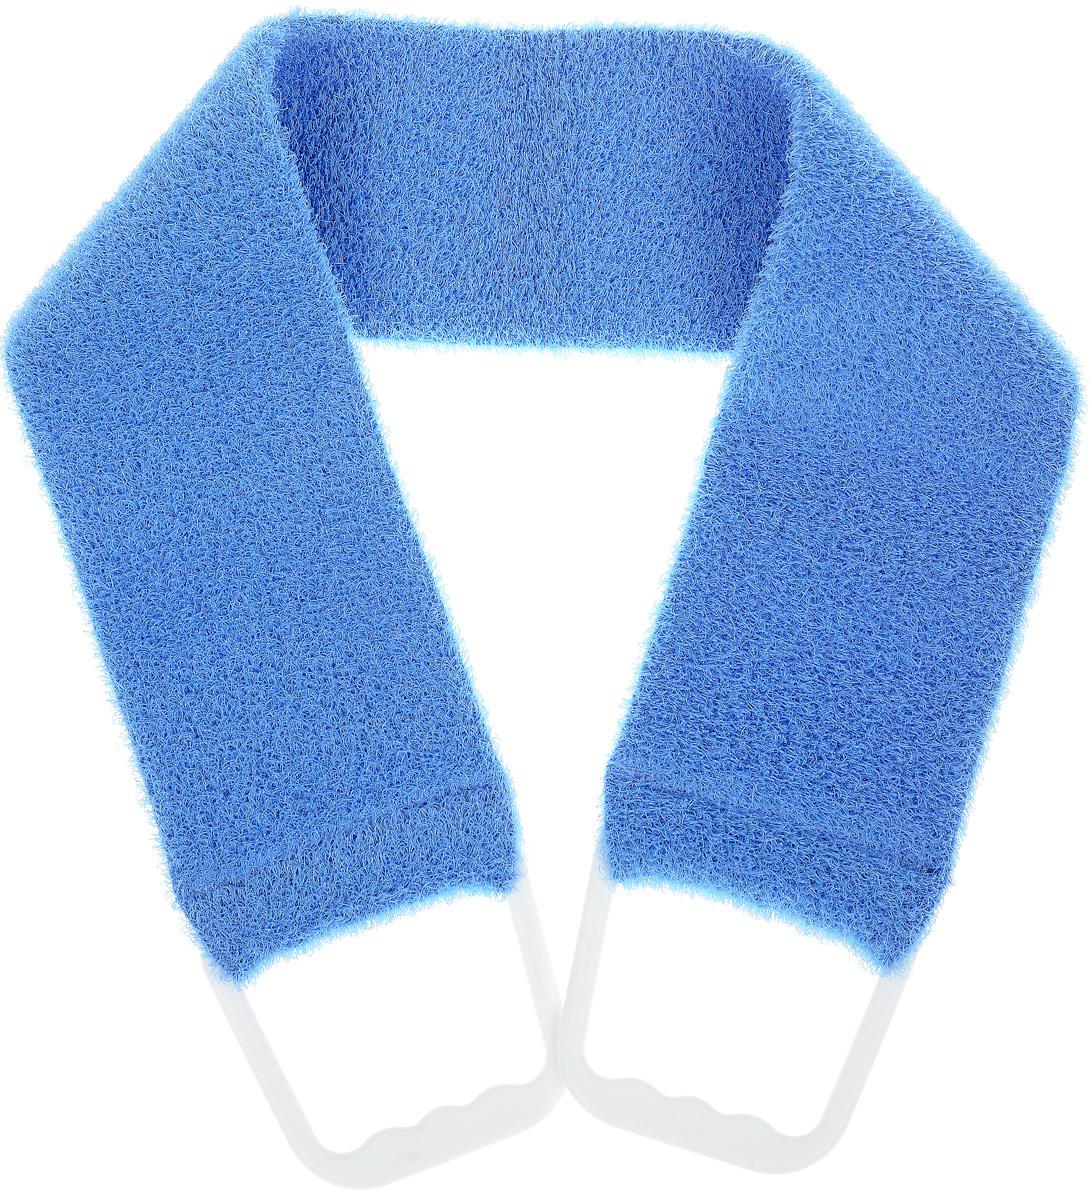 Riffi Мочалка-пояс, массажная, жесткая, цвет: синий мочалка варежка массажная riffi для спортивного массажа цвет бежевый